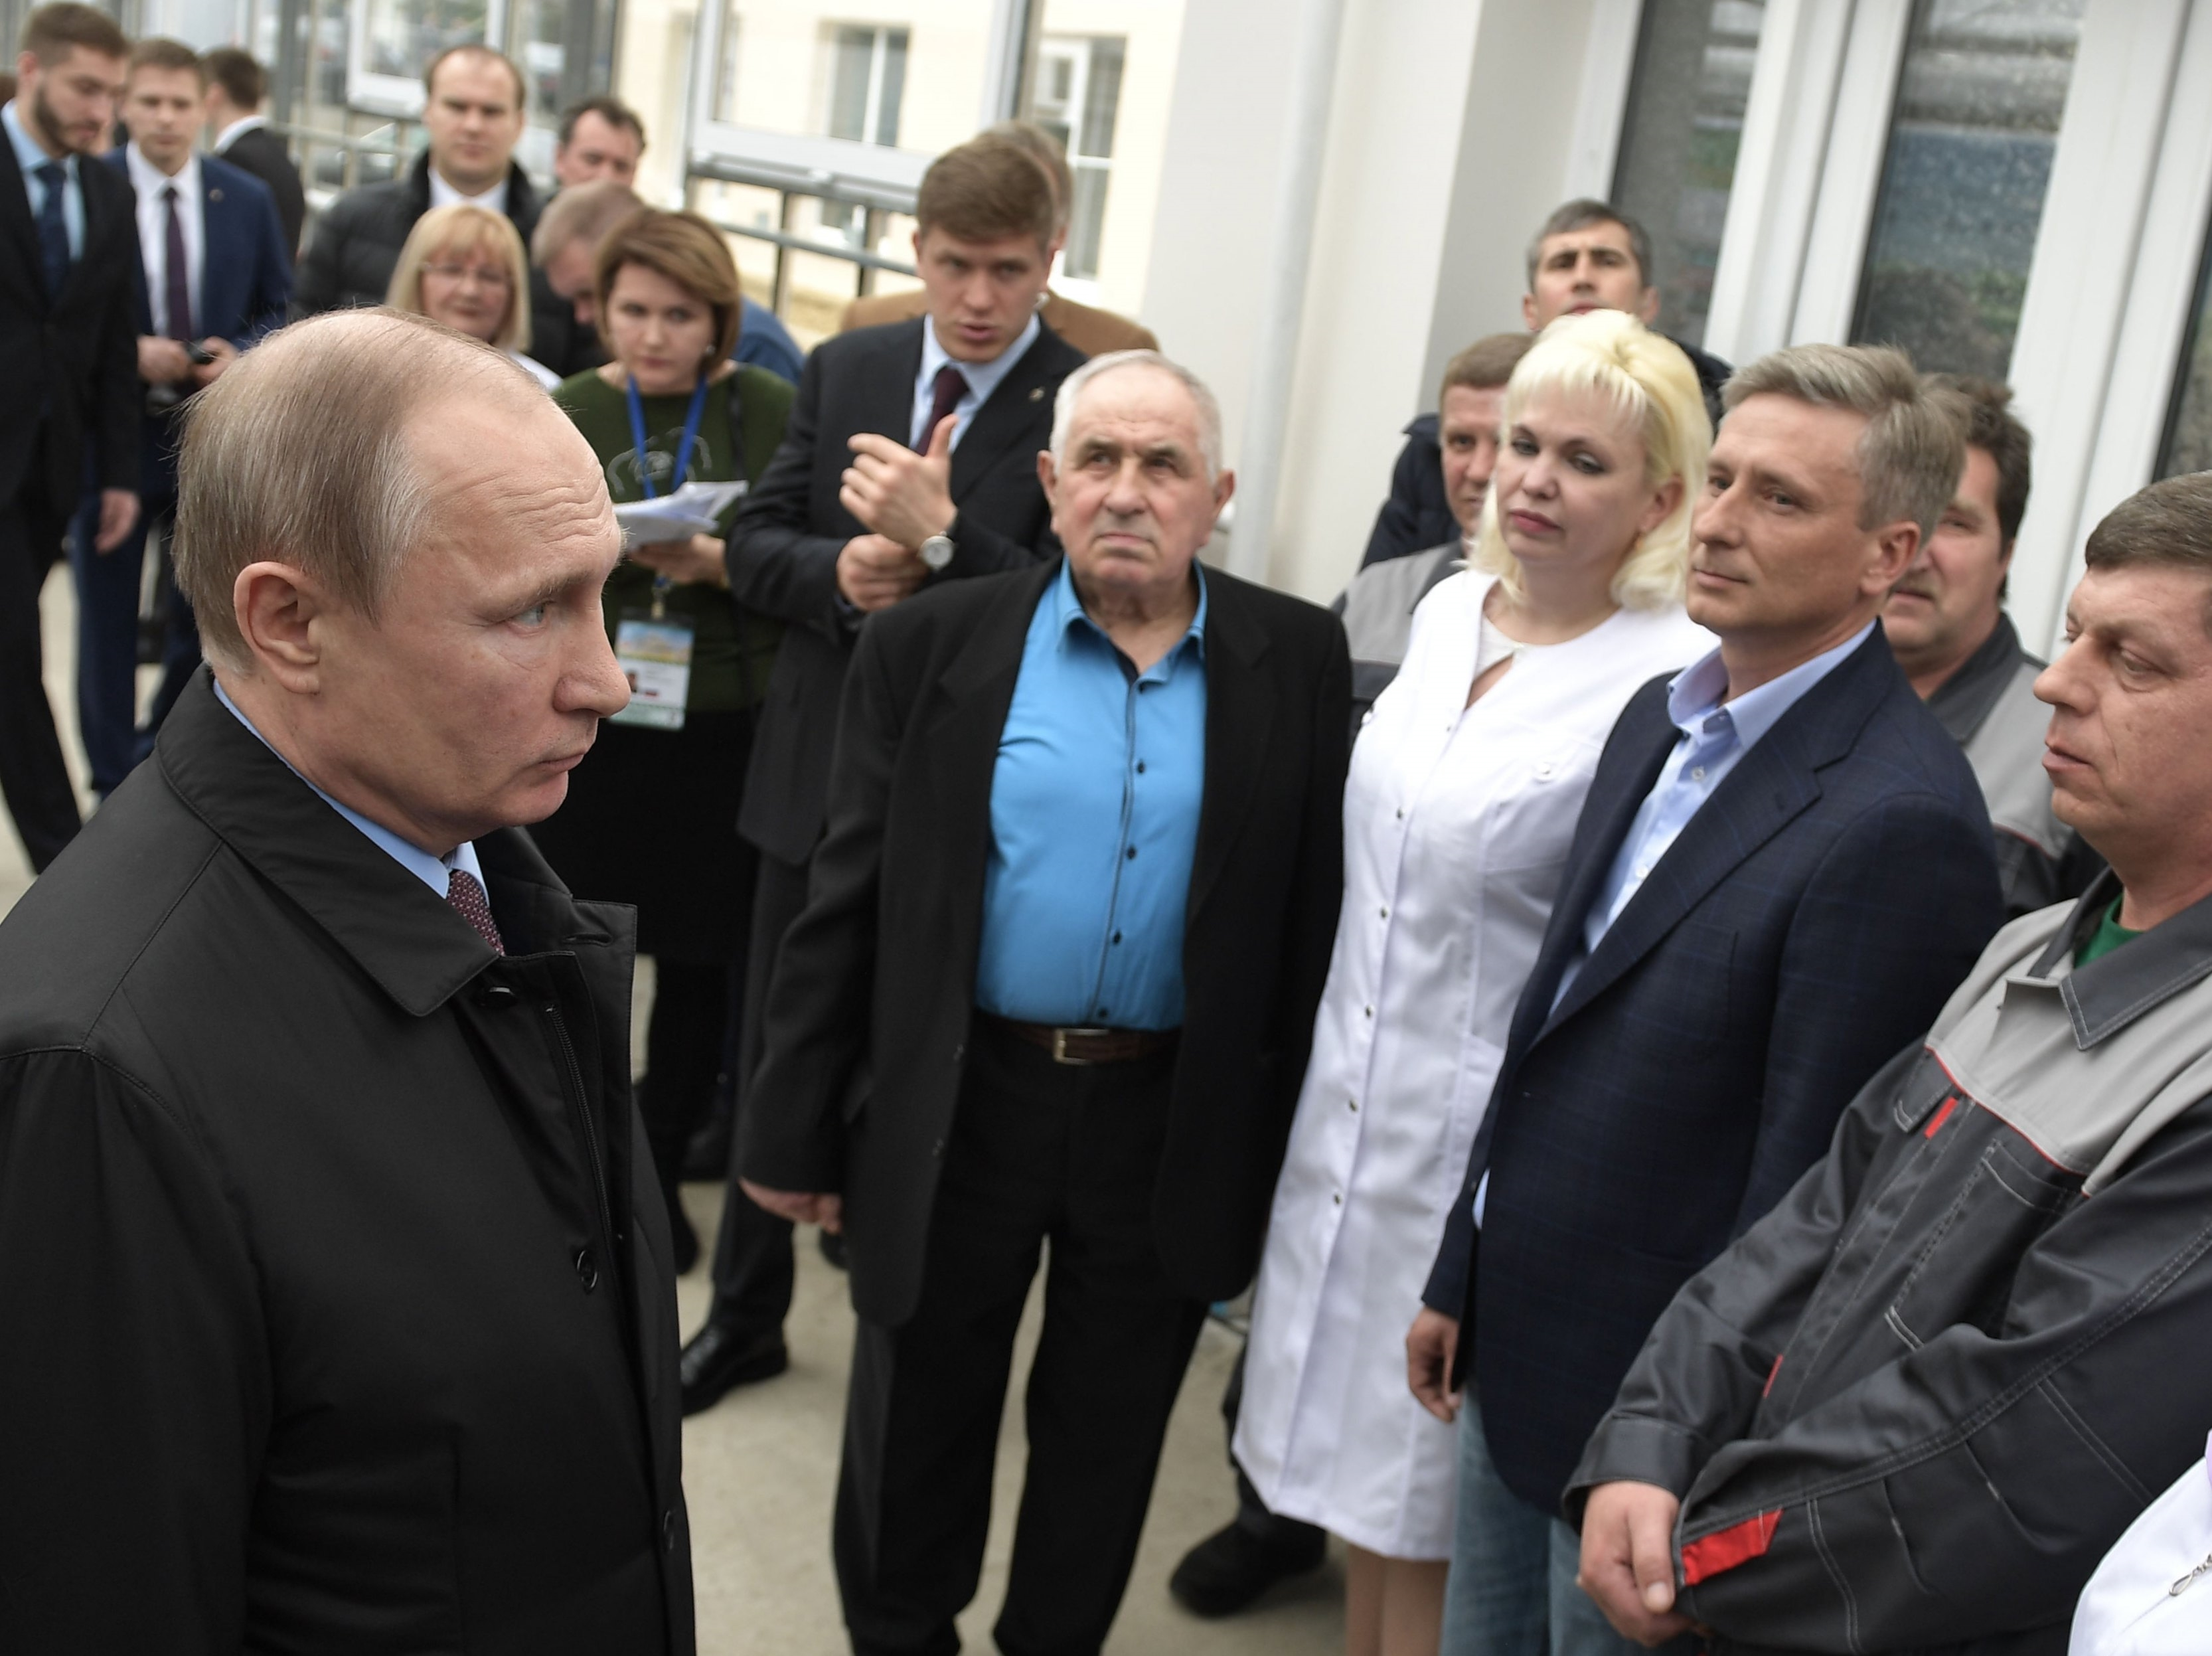 Reino Unido acusa o próprio Putin de ordenar ataque a ex-espião